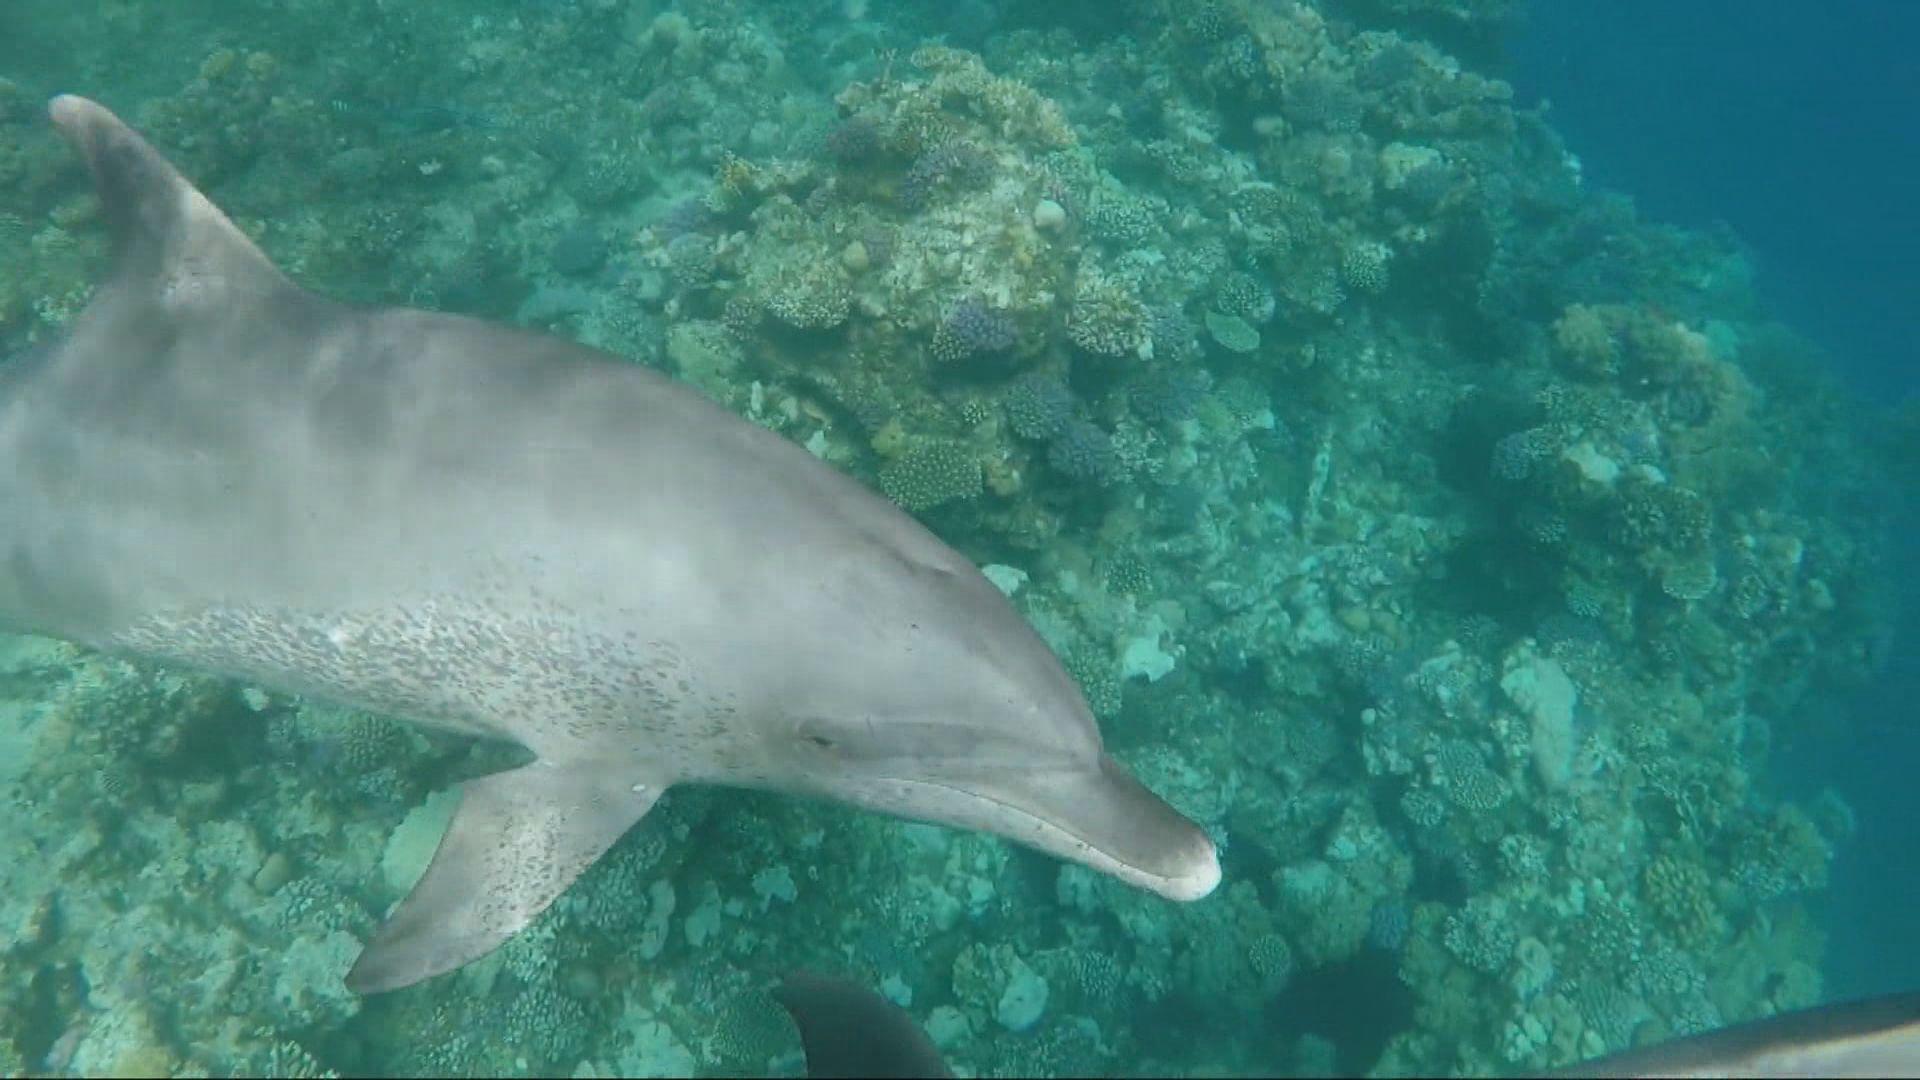 【即日焦點】菲傭完成檢疫後初確帶有變種病毒 將軍澳舒適堡再有個案員工顧客須檢疫;研究發現雄性海豚懂分辨「盟友」